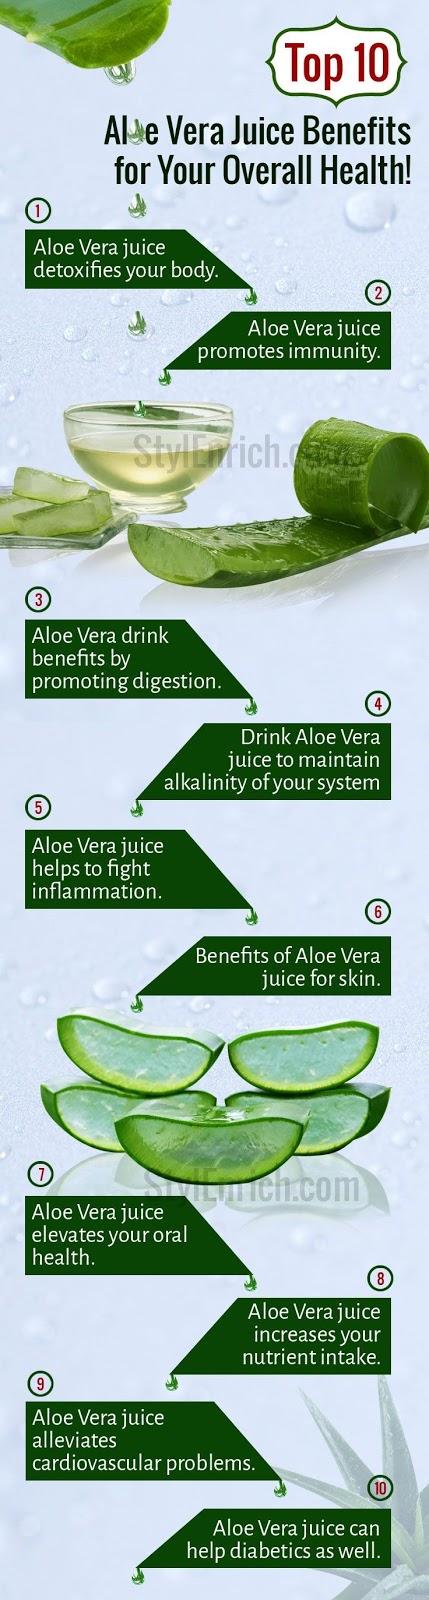 how to take aloe vera juice in morning